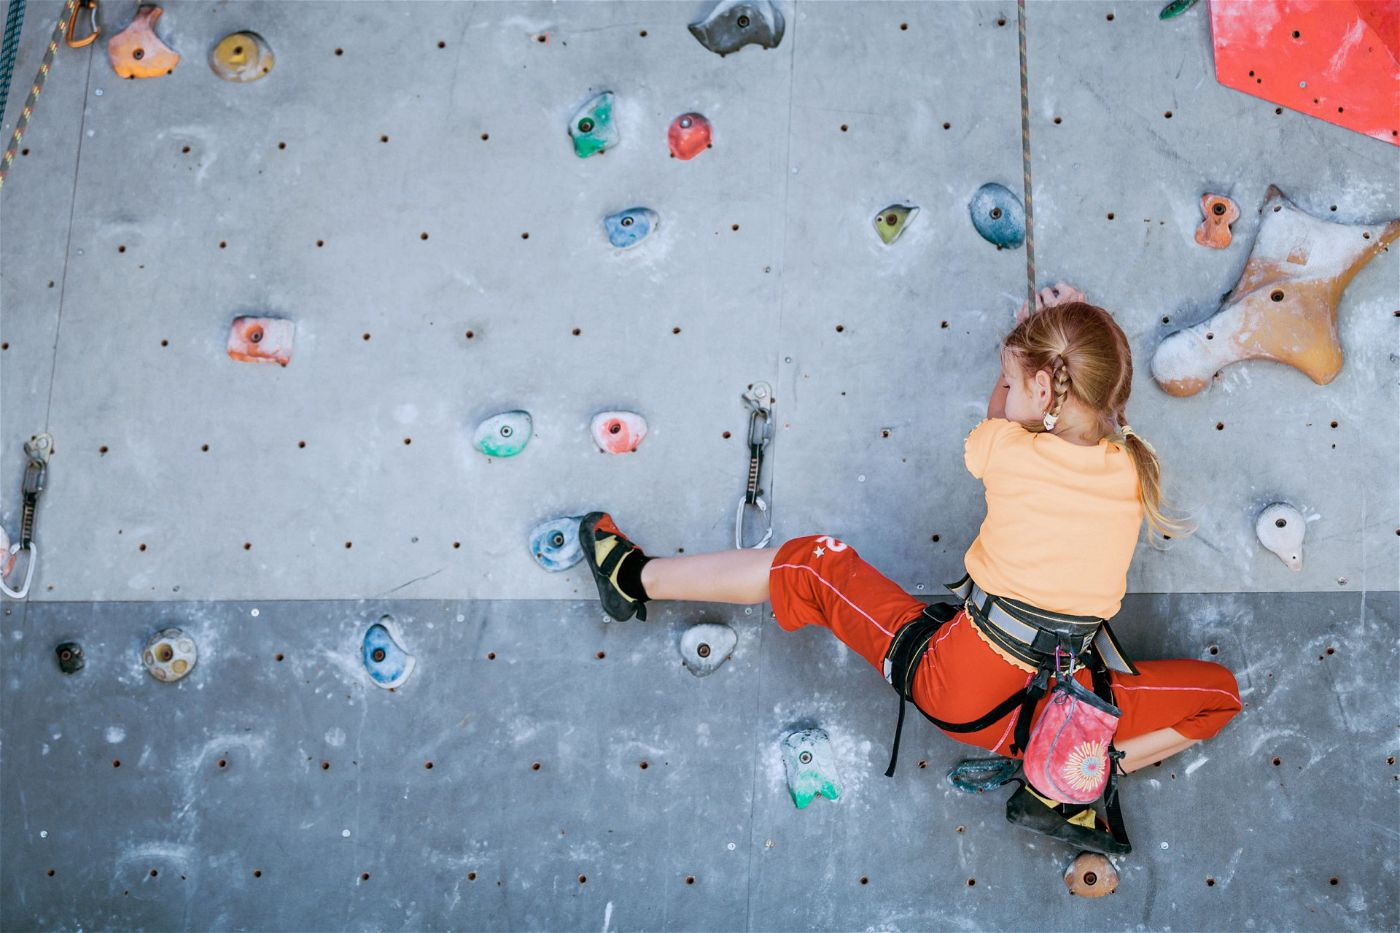 Außergewöhnlich gut: Jedes Kind sollte seine eigene Sportart finden, an der es Spaß hat. Manchmal geht es dabei auch hoch hinaus.